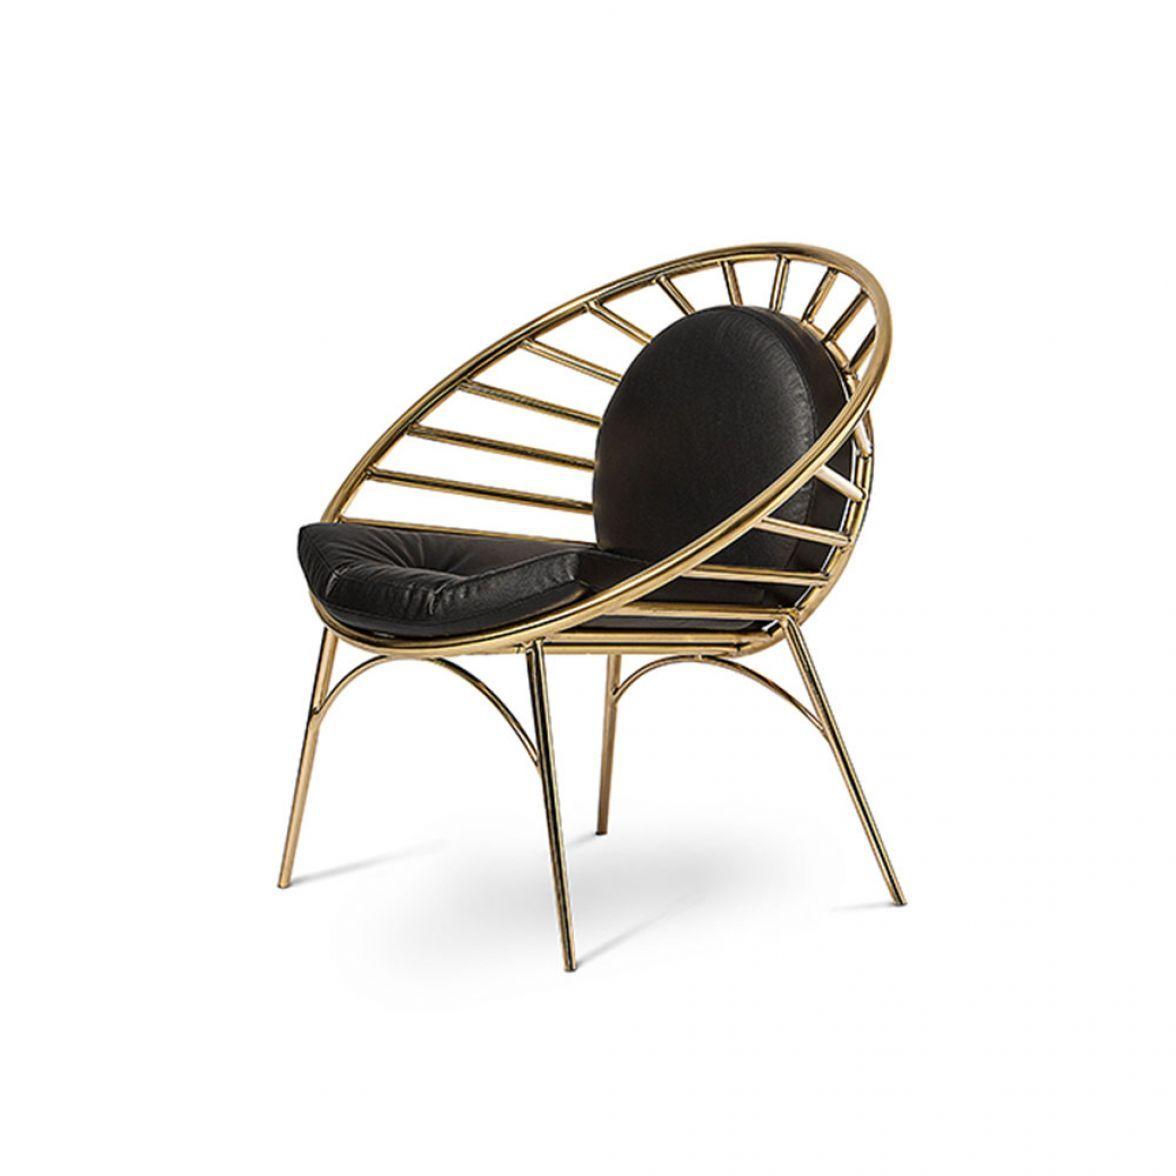 Reeves armchair